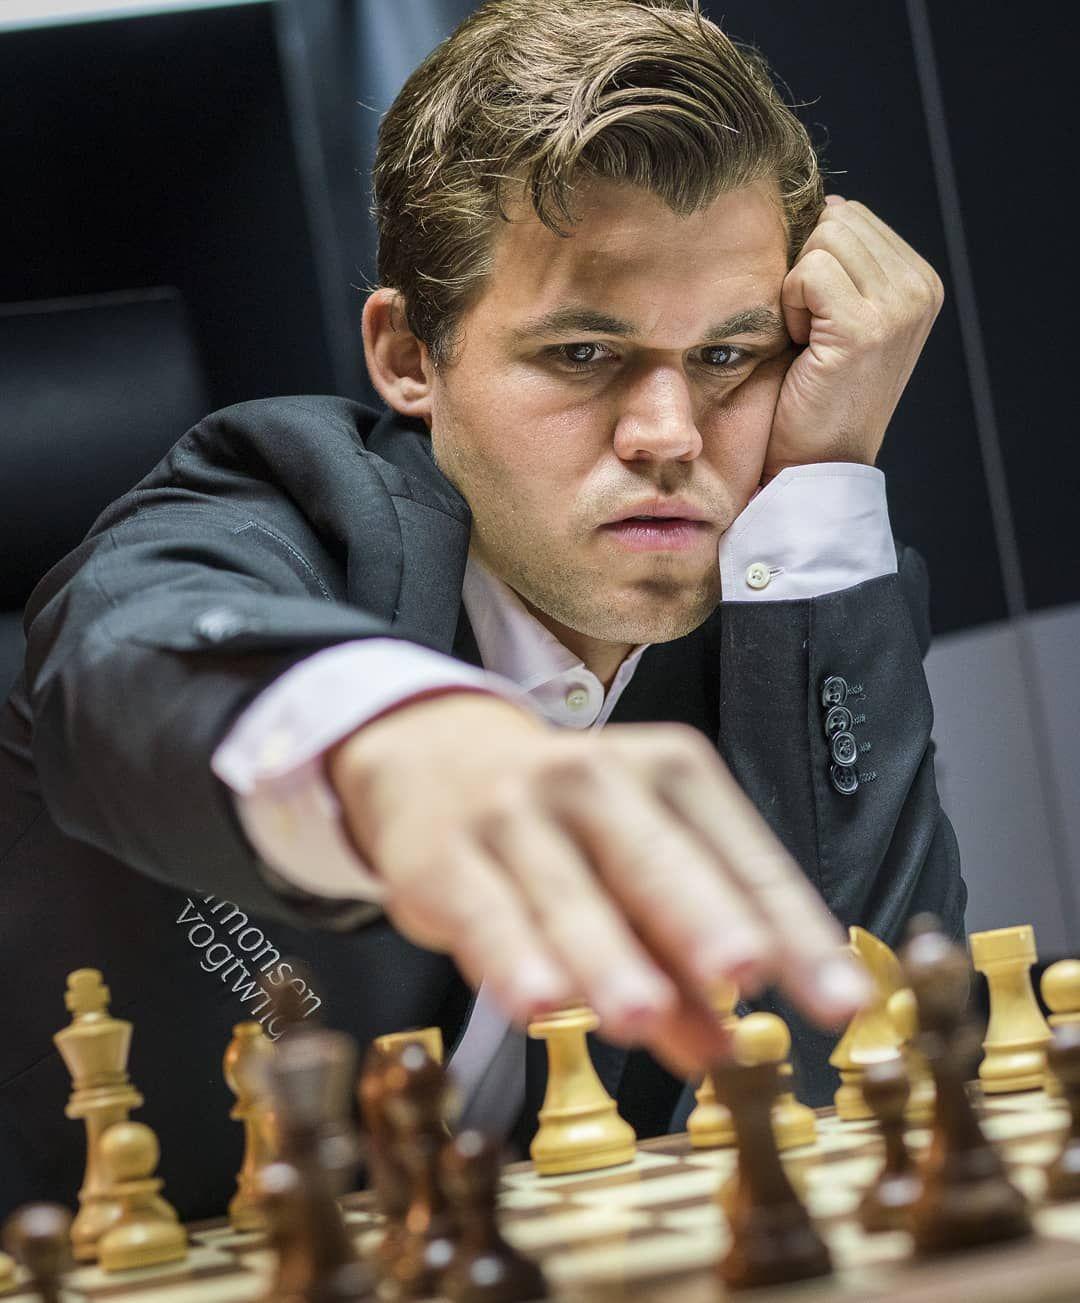 Pin Von Jonathan Scearce Auf Chess In 2020 Schach Schachspiel Spiele